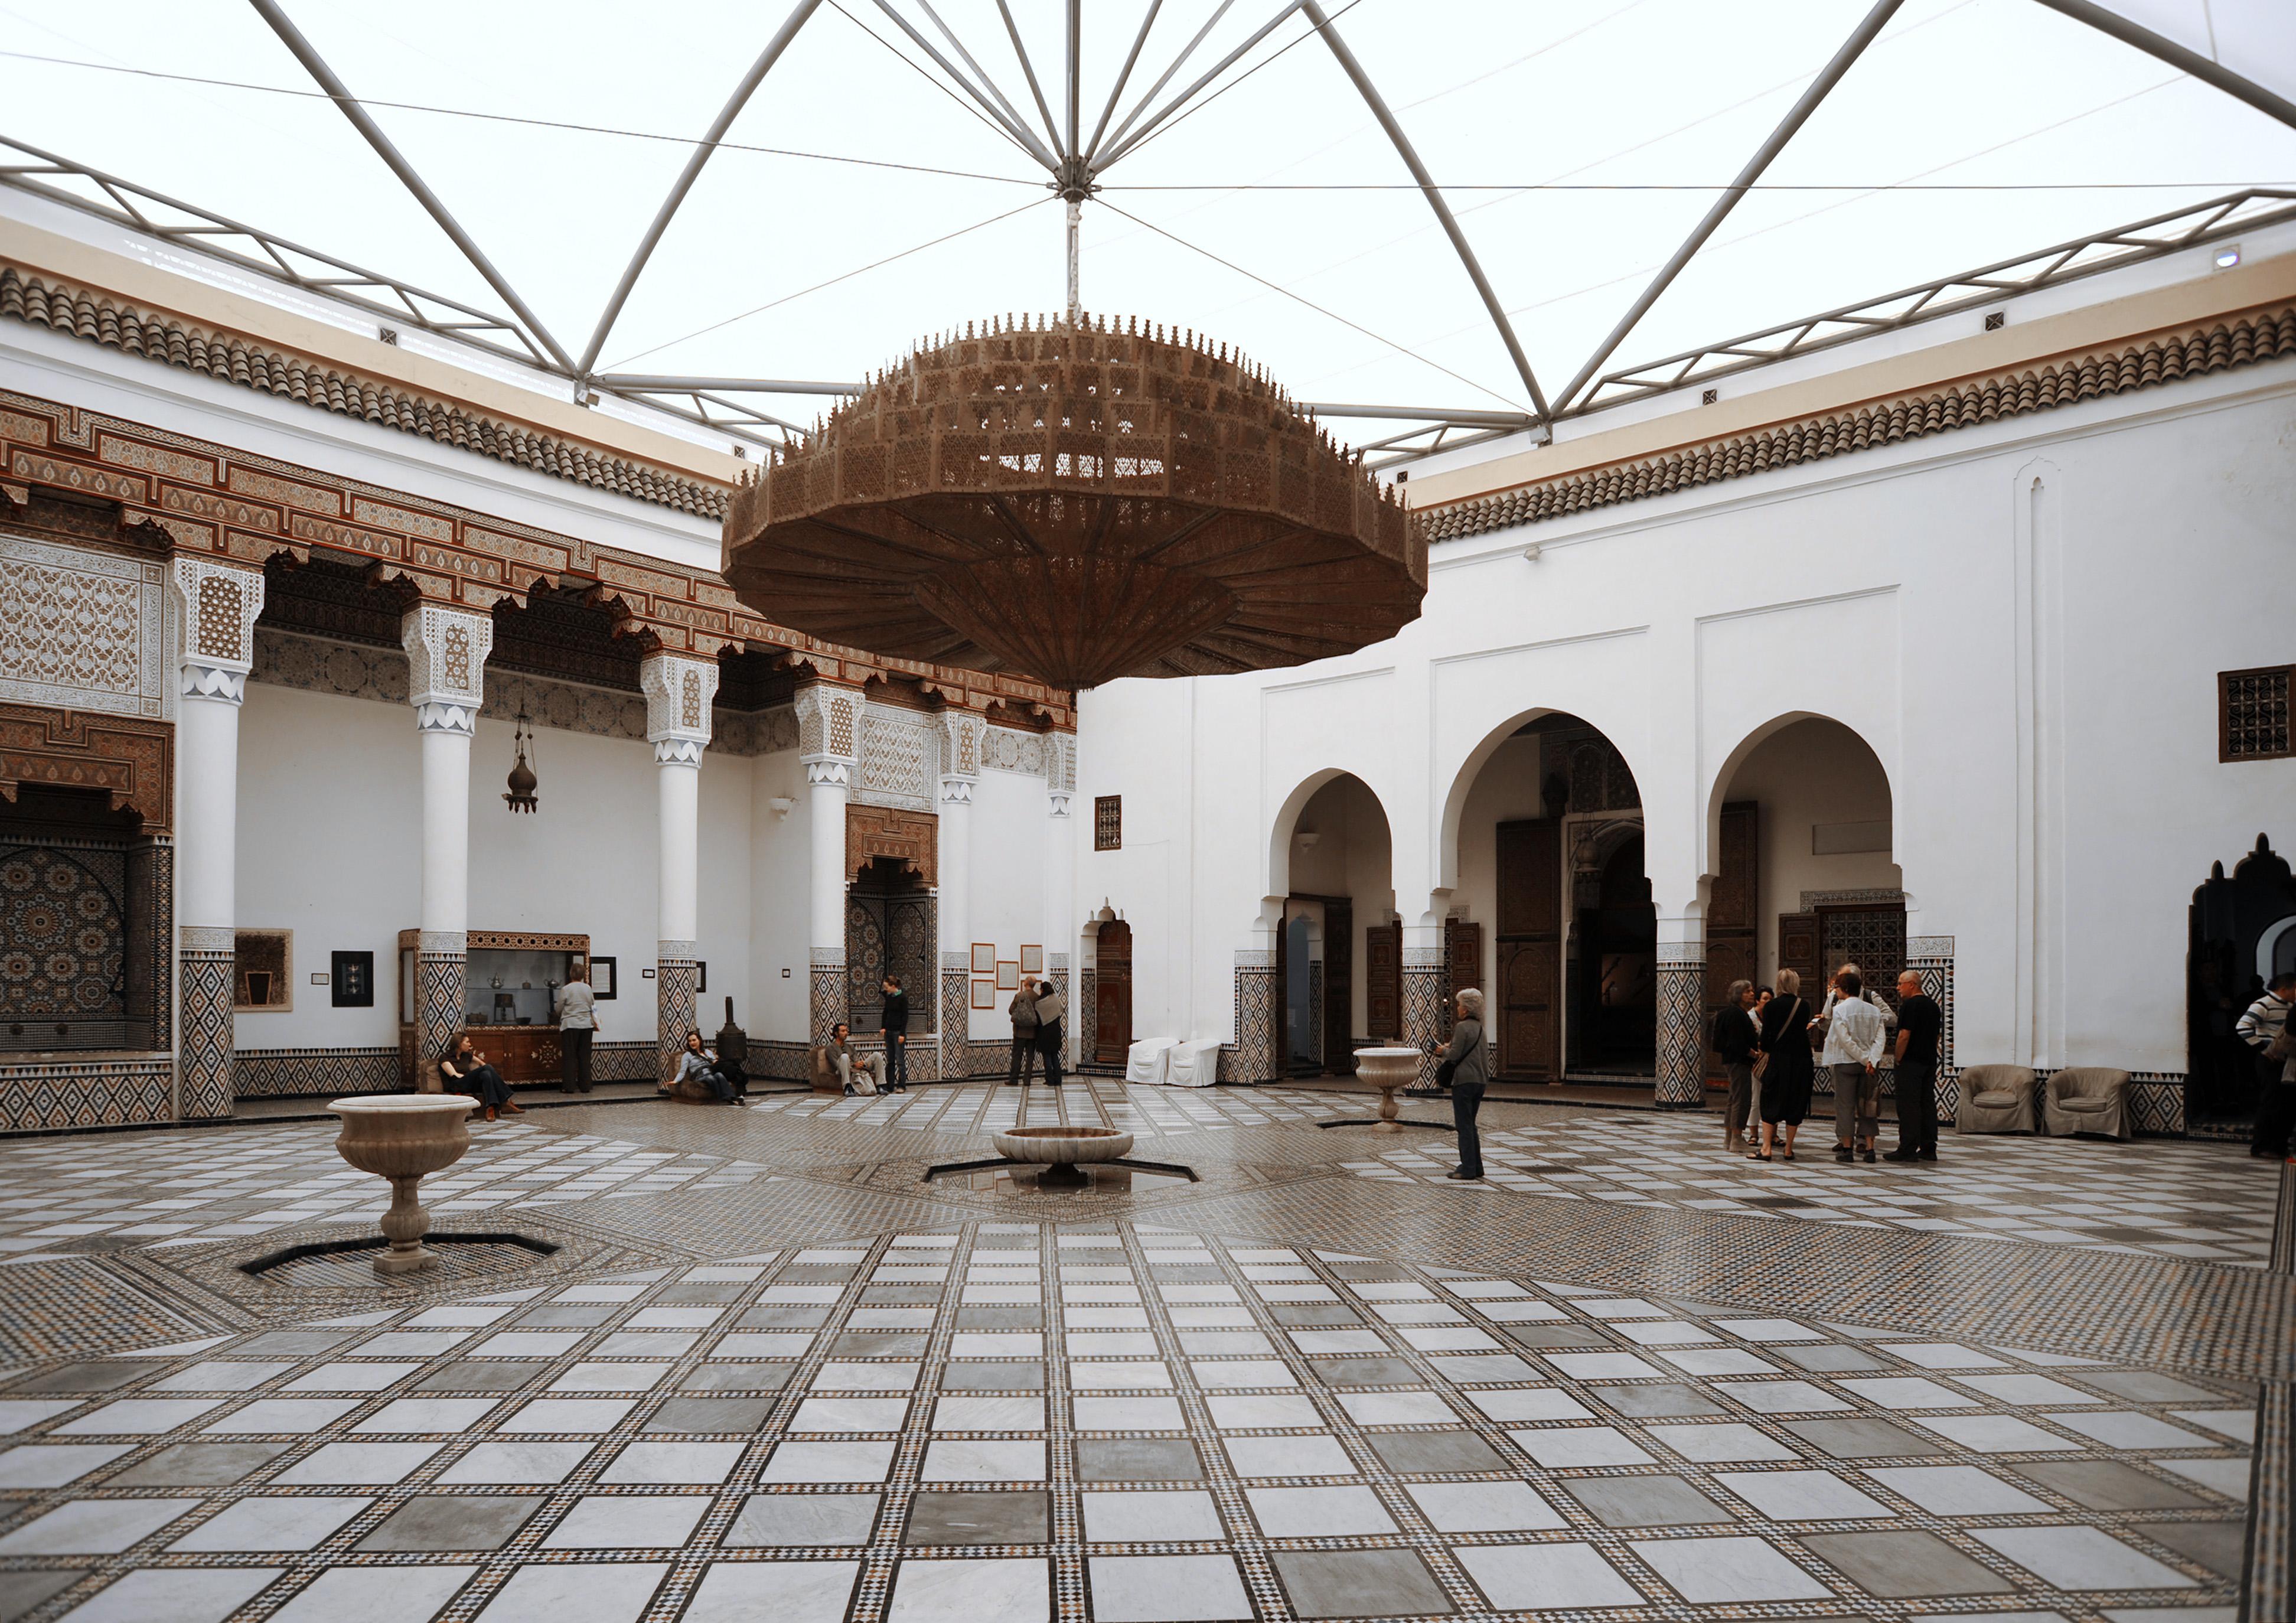 le palais m 39 nebbi marrakech au maroc. Black Bedroom Furniture Sets. Home Design Ideas